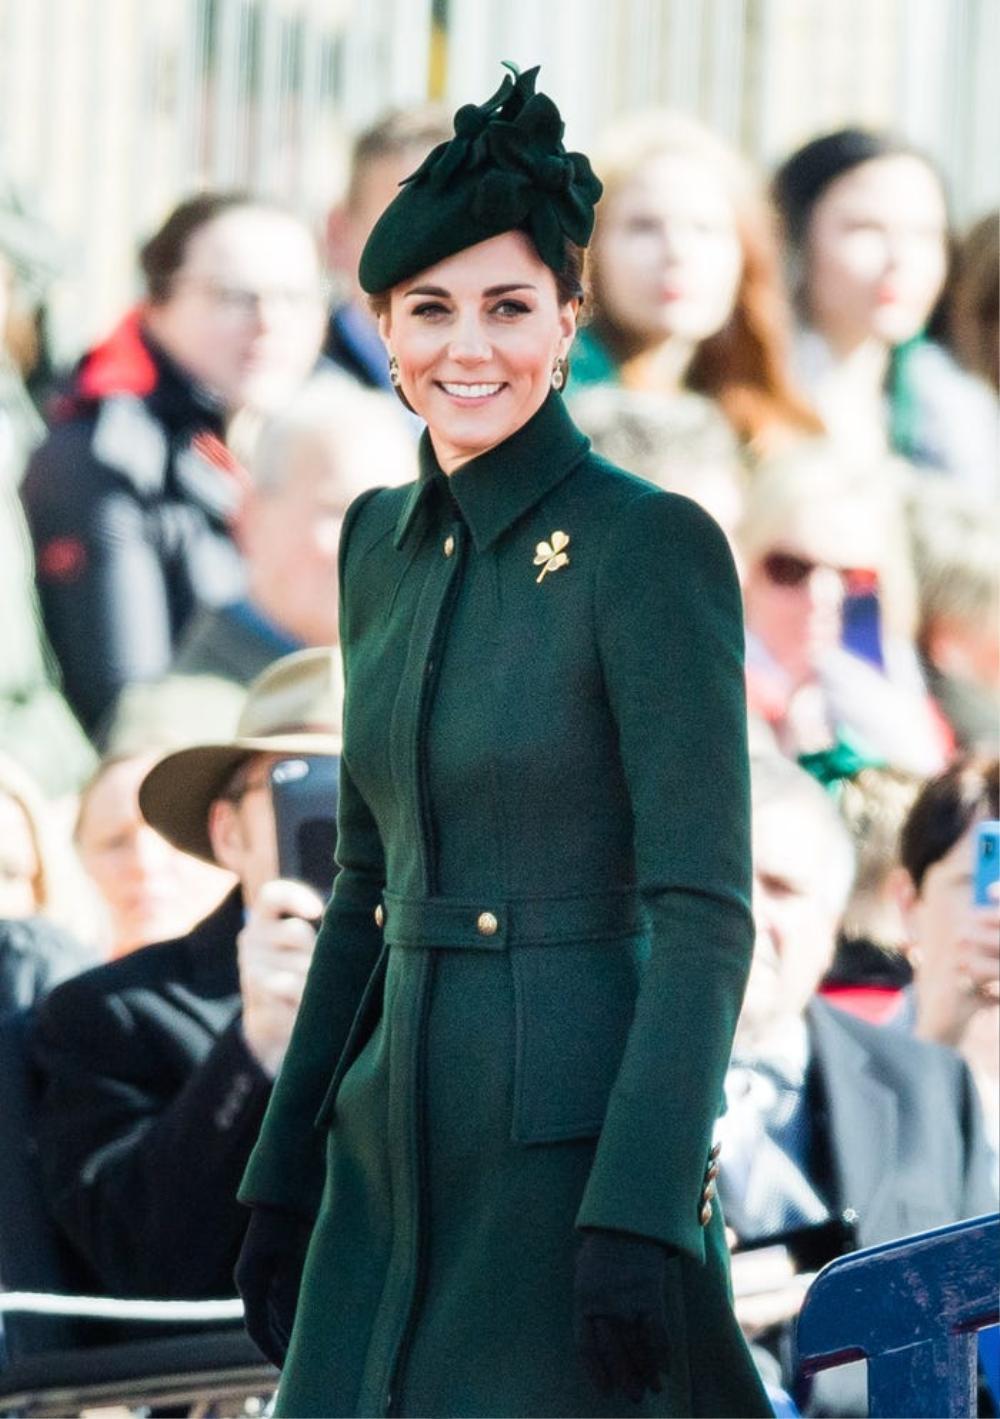 16 trang phục đắt tiền nhất mà thành viên hoàng gia Anh từng mặc Ảnh 14